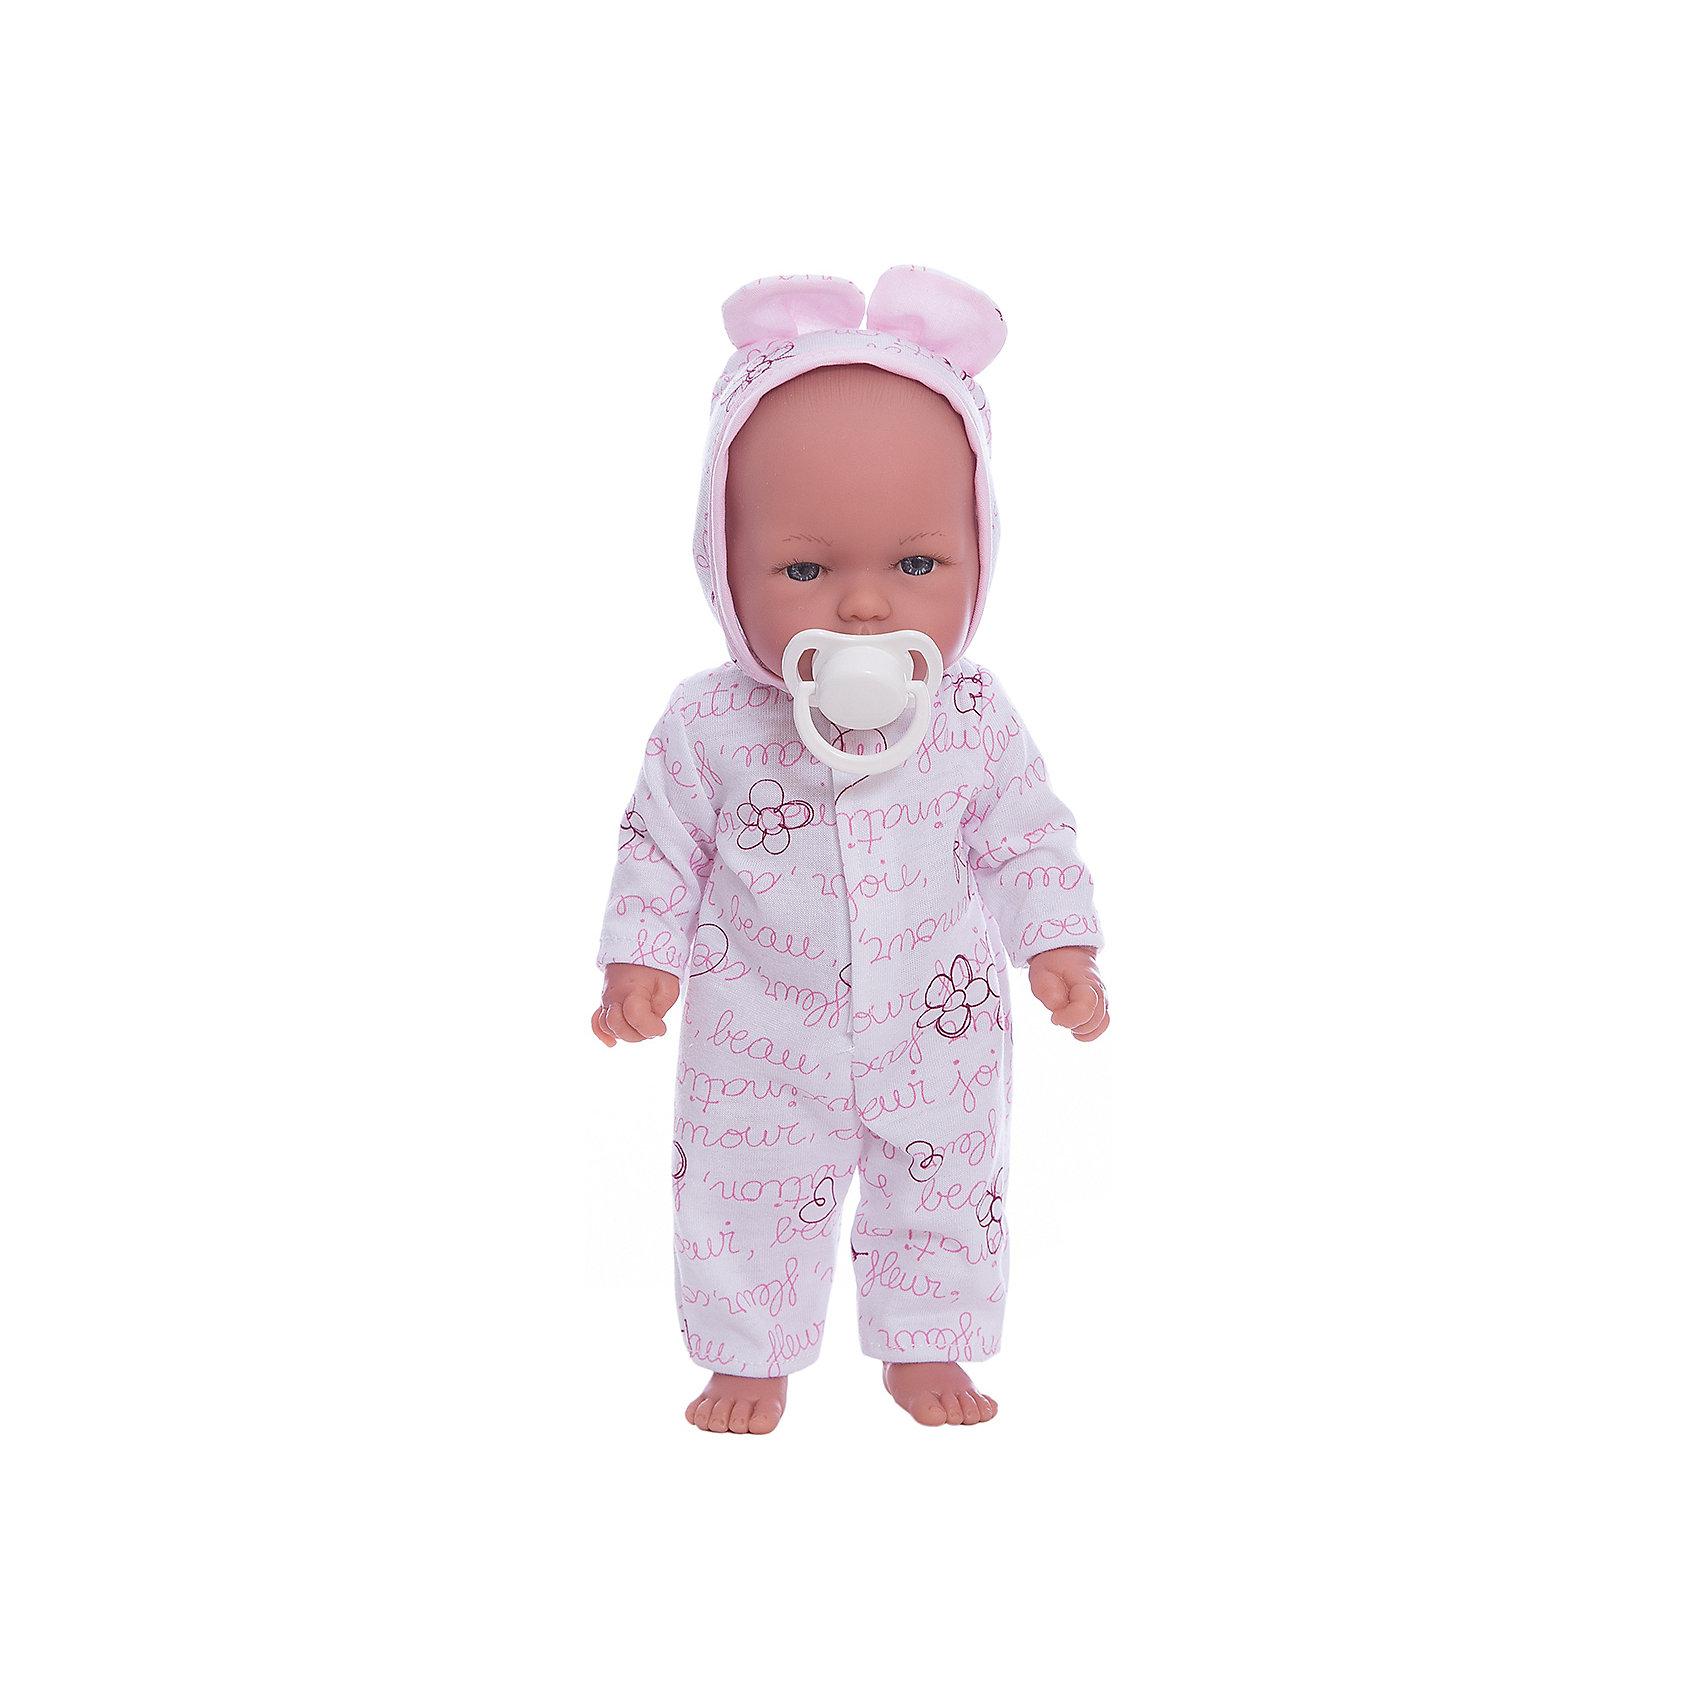 Кукла Оливия в пижамке, умеет стоять, серия soft touch, Vestida de AzulКлассические куклы<br>Характеристики товара:<br><br>• возраст: от 3 лет;<br>• материал: винил, текстиль;<br>• в комплекте: кукла, пижама, соска;<br>• высота куклы: 30 см;<br>• размер упаковки: 34х14х8 см;<br>• вес упаковки: 460 гр.;<br>• страна производитель: Испания.<br><br>Кукла Оливия в пижамке Soft Touch Vestida de Azul — Маленький пупс большими глазками и пухлыми щечками. Оливия одета в пижамку с цветами и капюшоном. У куклы подвижные руки и ноги, она умеет самостоятельно стоять. Игра с куклой привьет девочке чувство ответственности, любви, заботы. <br><br>Куклу Оливию в пижамке Soft Touch Vestida de Azul можно приобрести в нашем интернет-магазине.<br><br>Ширина мм: 380<br>Глубина мм: 120<br>Высота мм: 240<br>Вес г: 650<br>Возраст от месяцев: 36<br>Возраст до месяцев: 2147483647<br>Пол: Женский<br>Возраст: Детский<br>SKU: 6844342